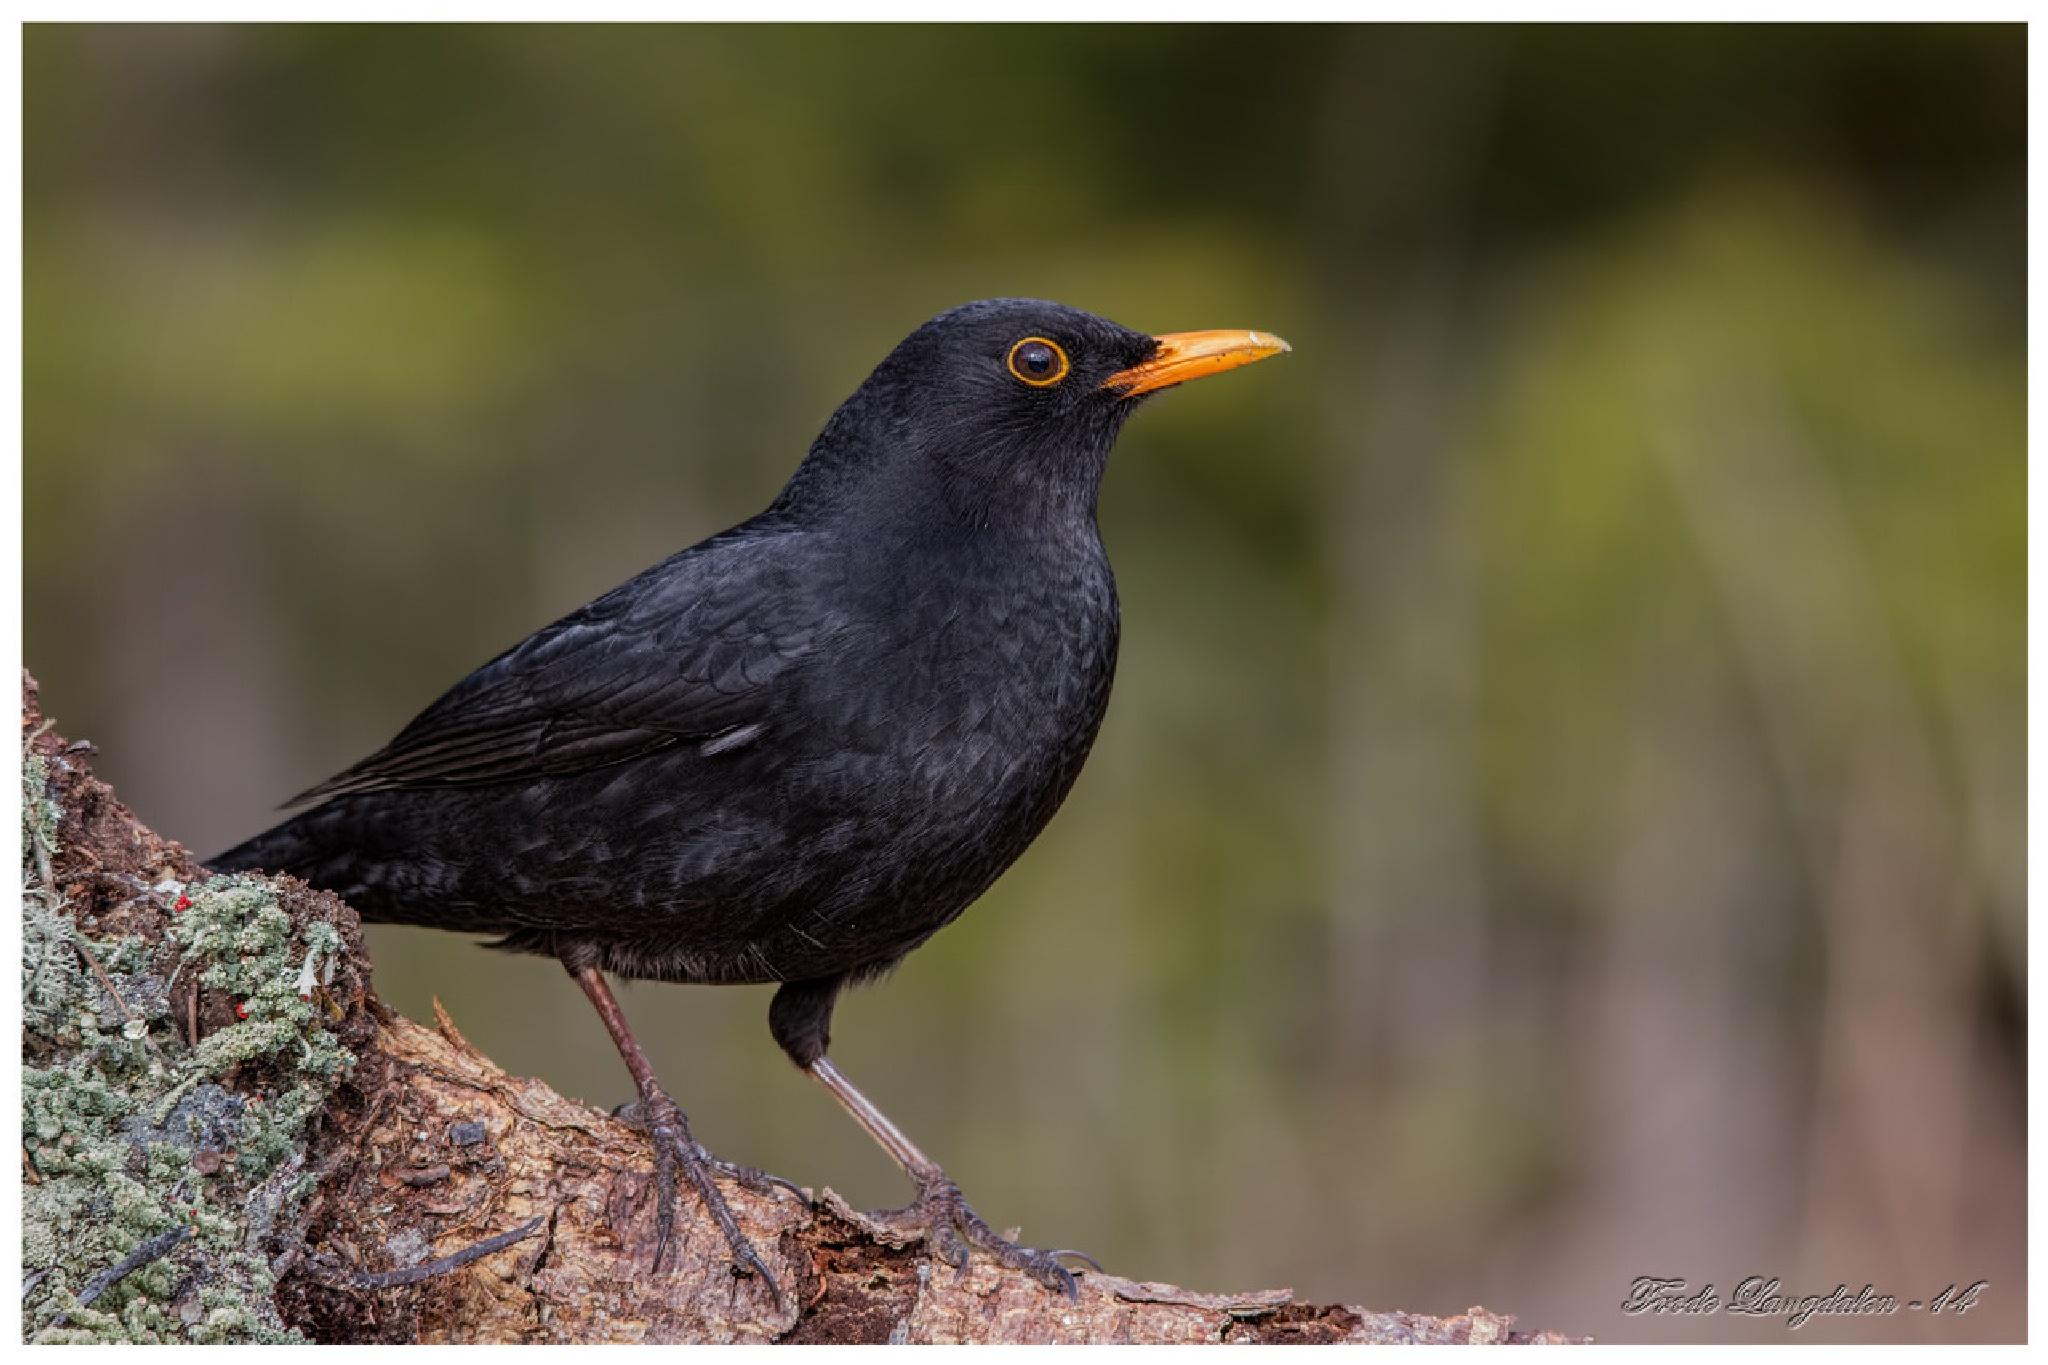 Black Bird. by Frode Langdalen.